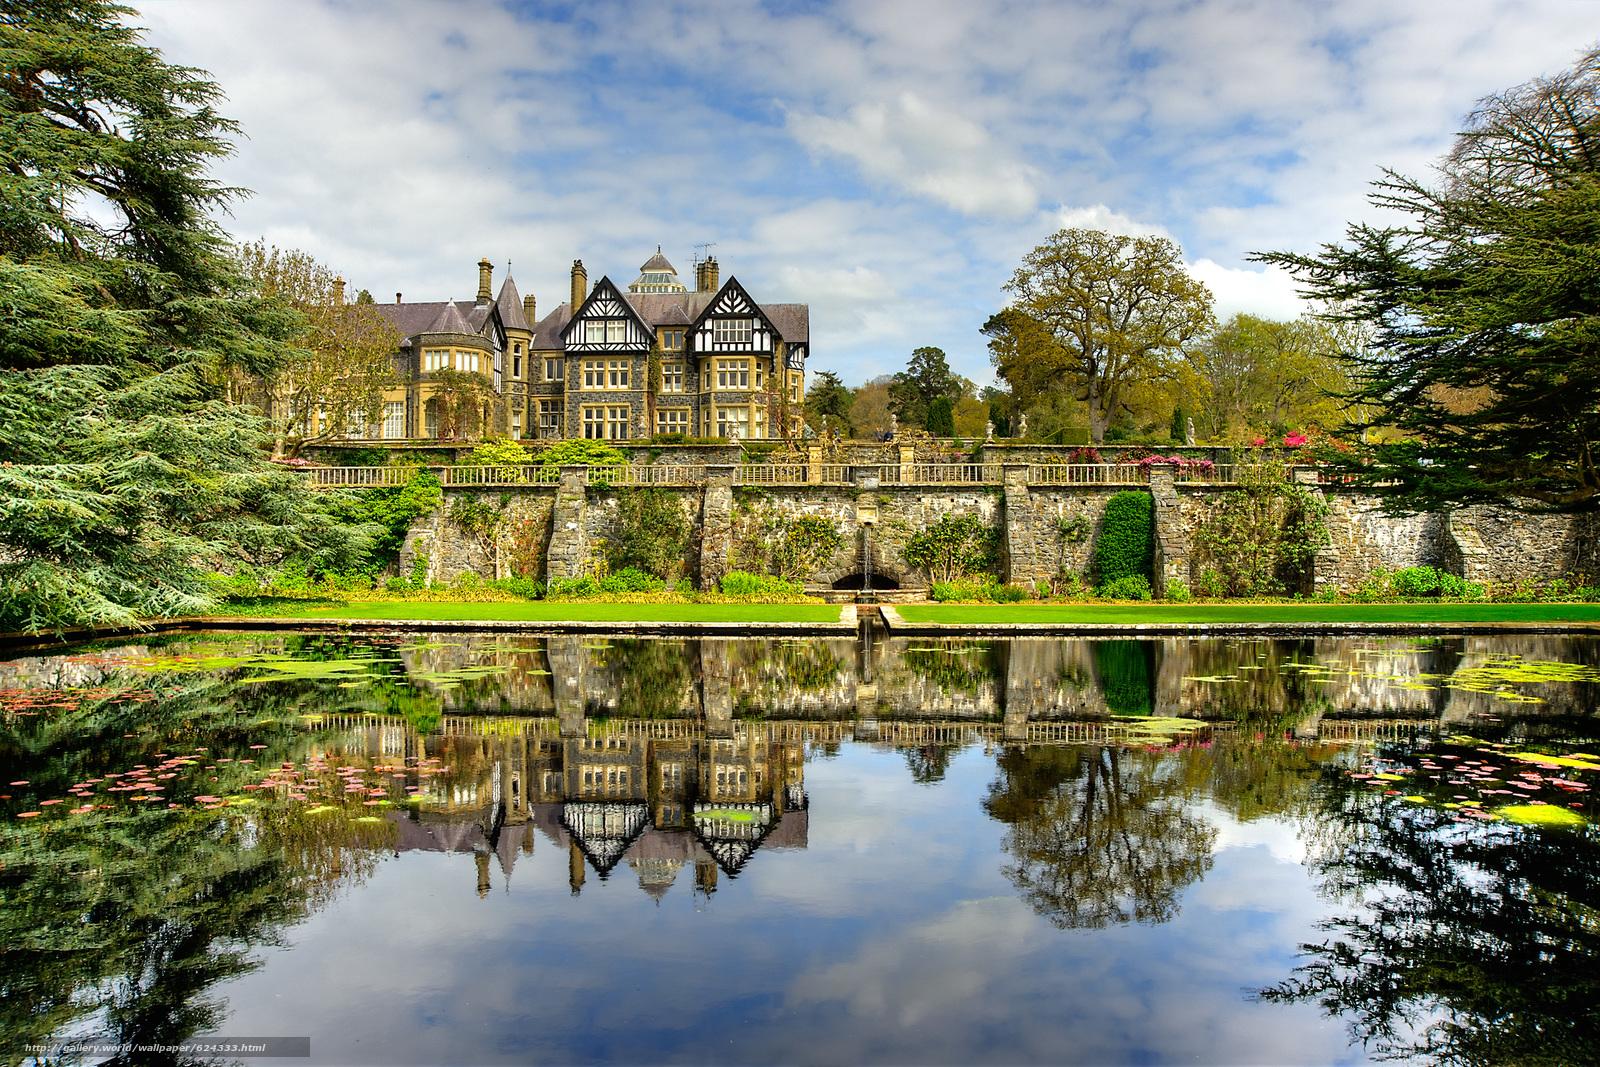 Скачать обои Bodnant Gardens,  Great Britain,  парк,  дом бесплатно для рабочего стола в разрешении 2700x1800 — картинка №624333